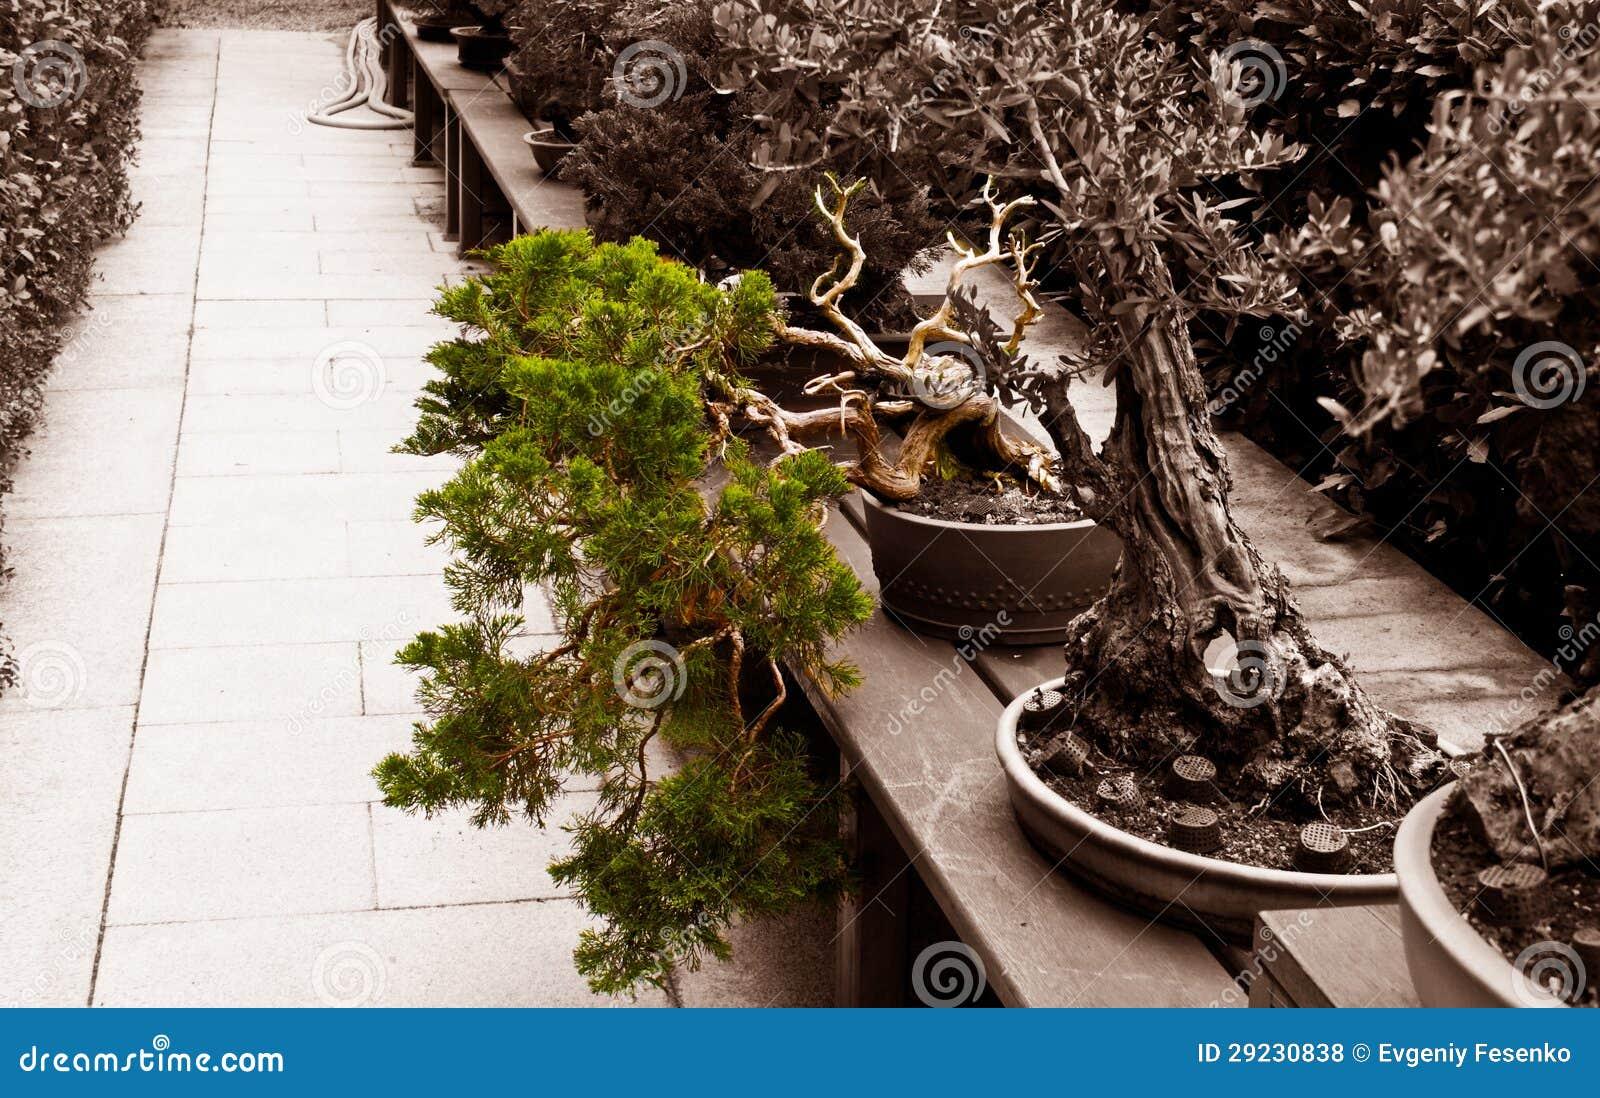 Download Bonsais inclinados foto de stock. Imagem de árvore, inclinar - 29230838